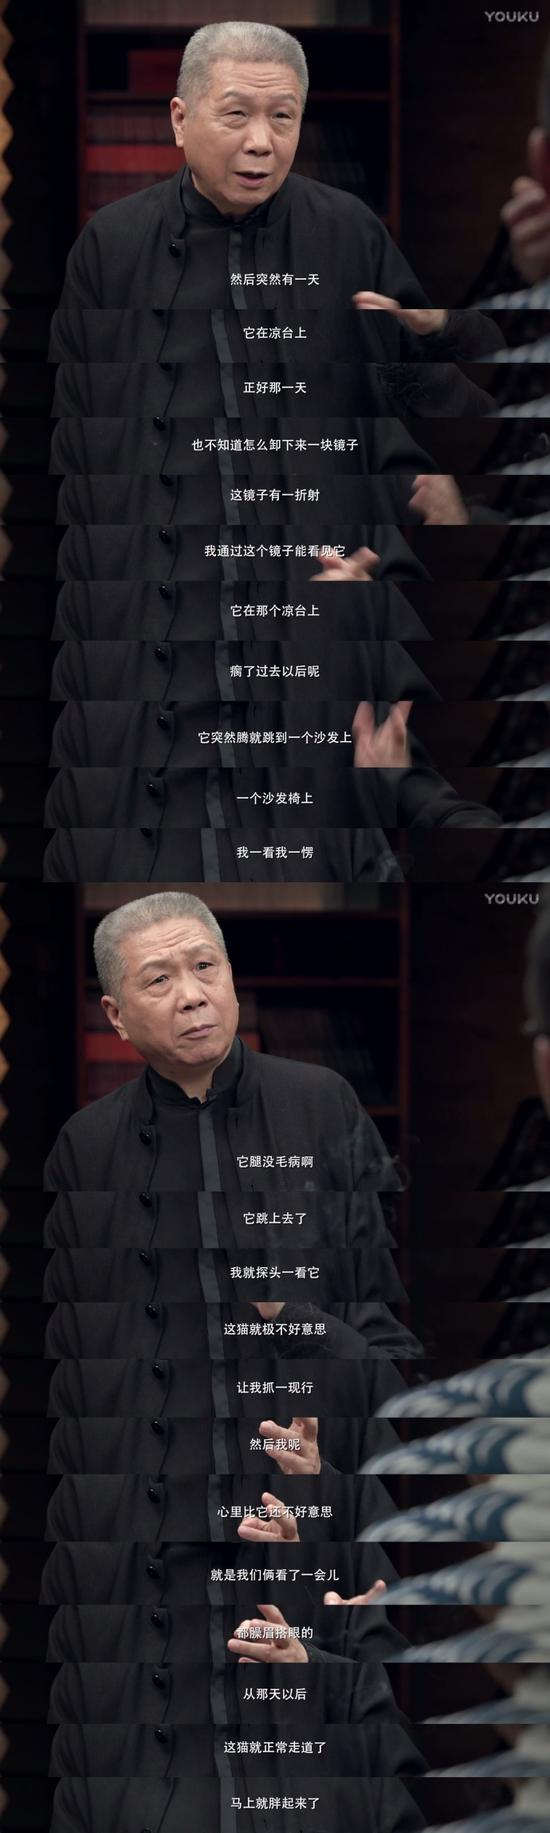 囧哥午间版170922:看完陈意涵的快乐到娇嗔 感觉林志玲输了